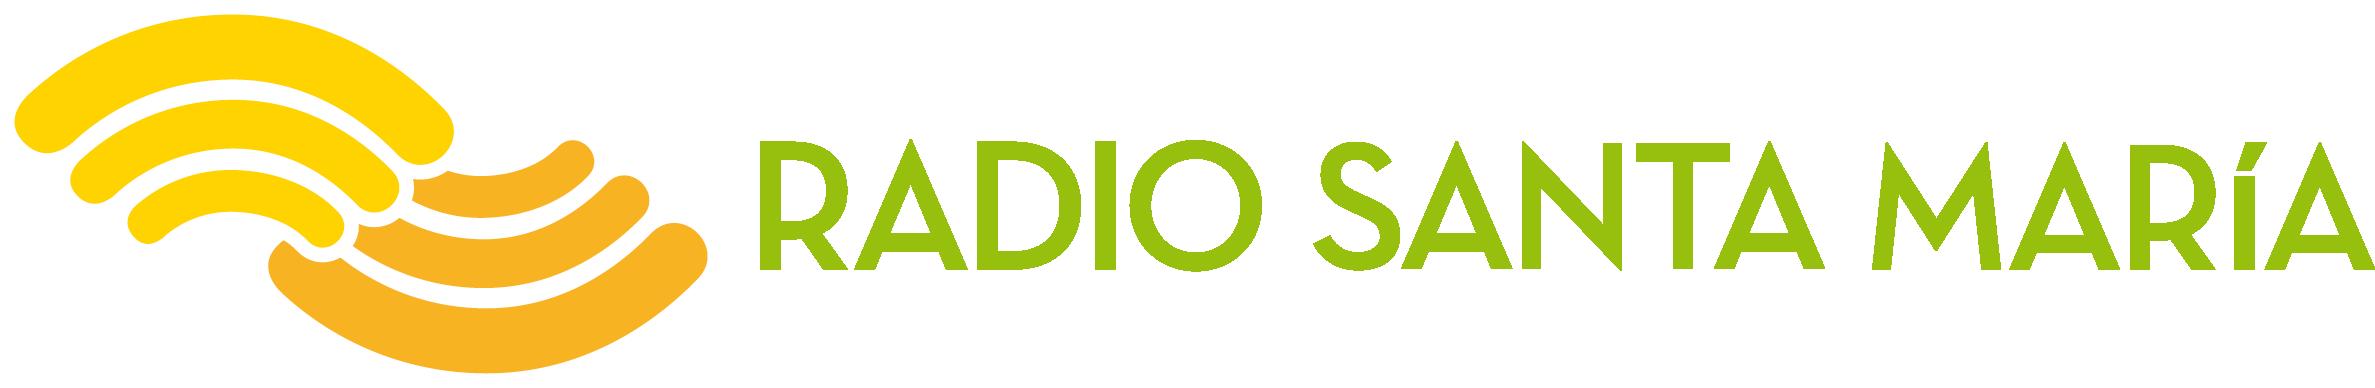 Radio Santa Maria La Vega